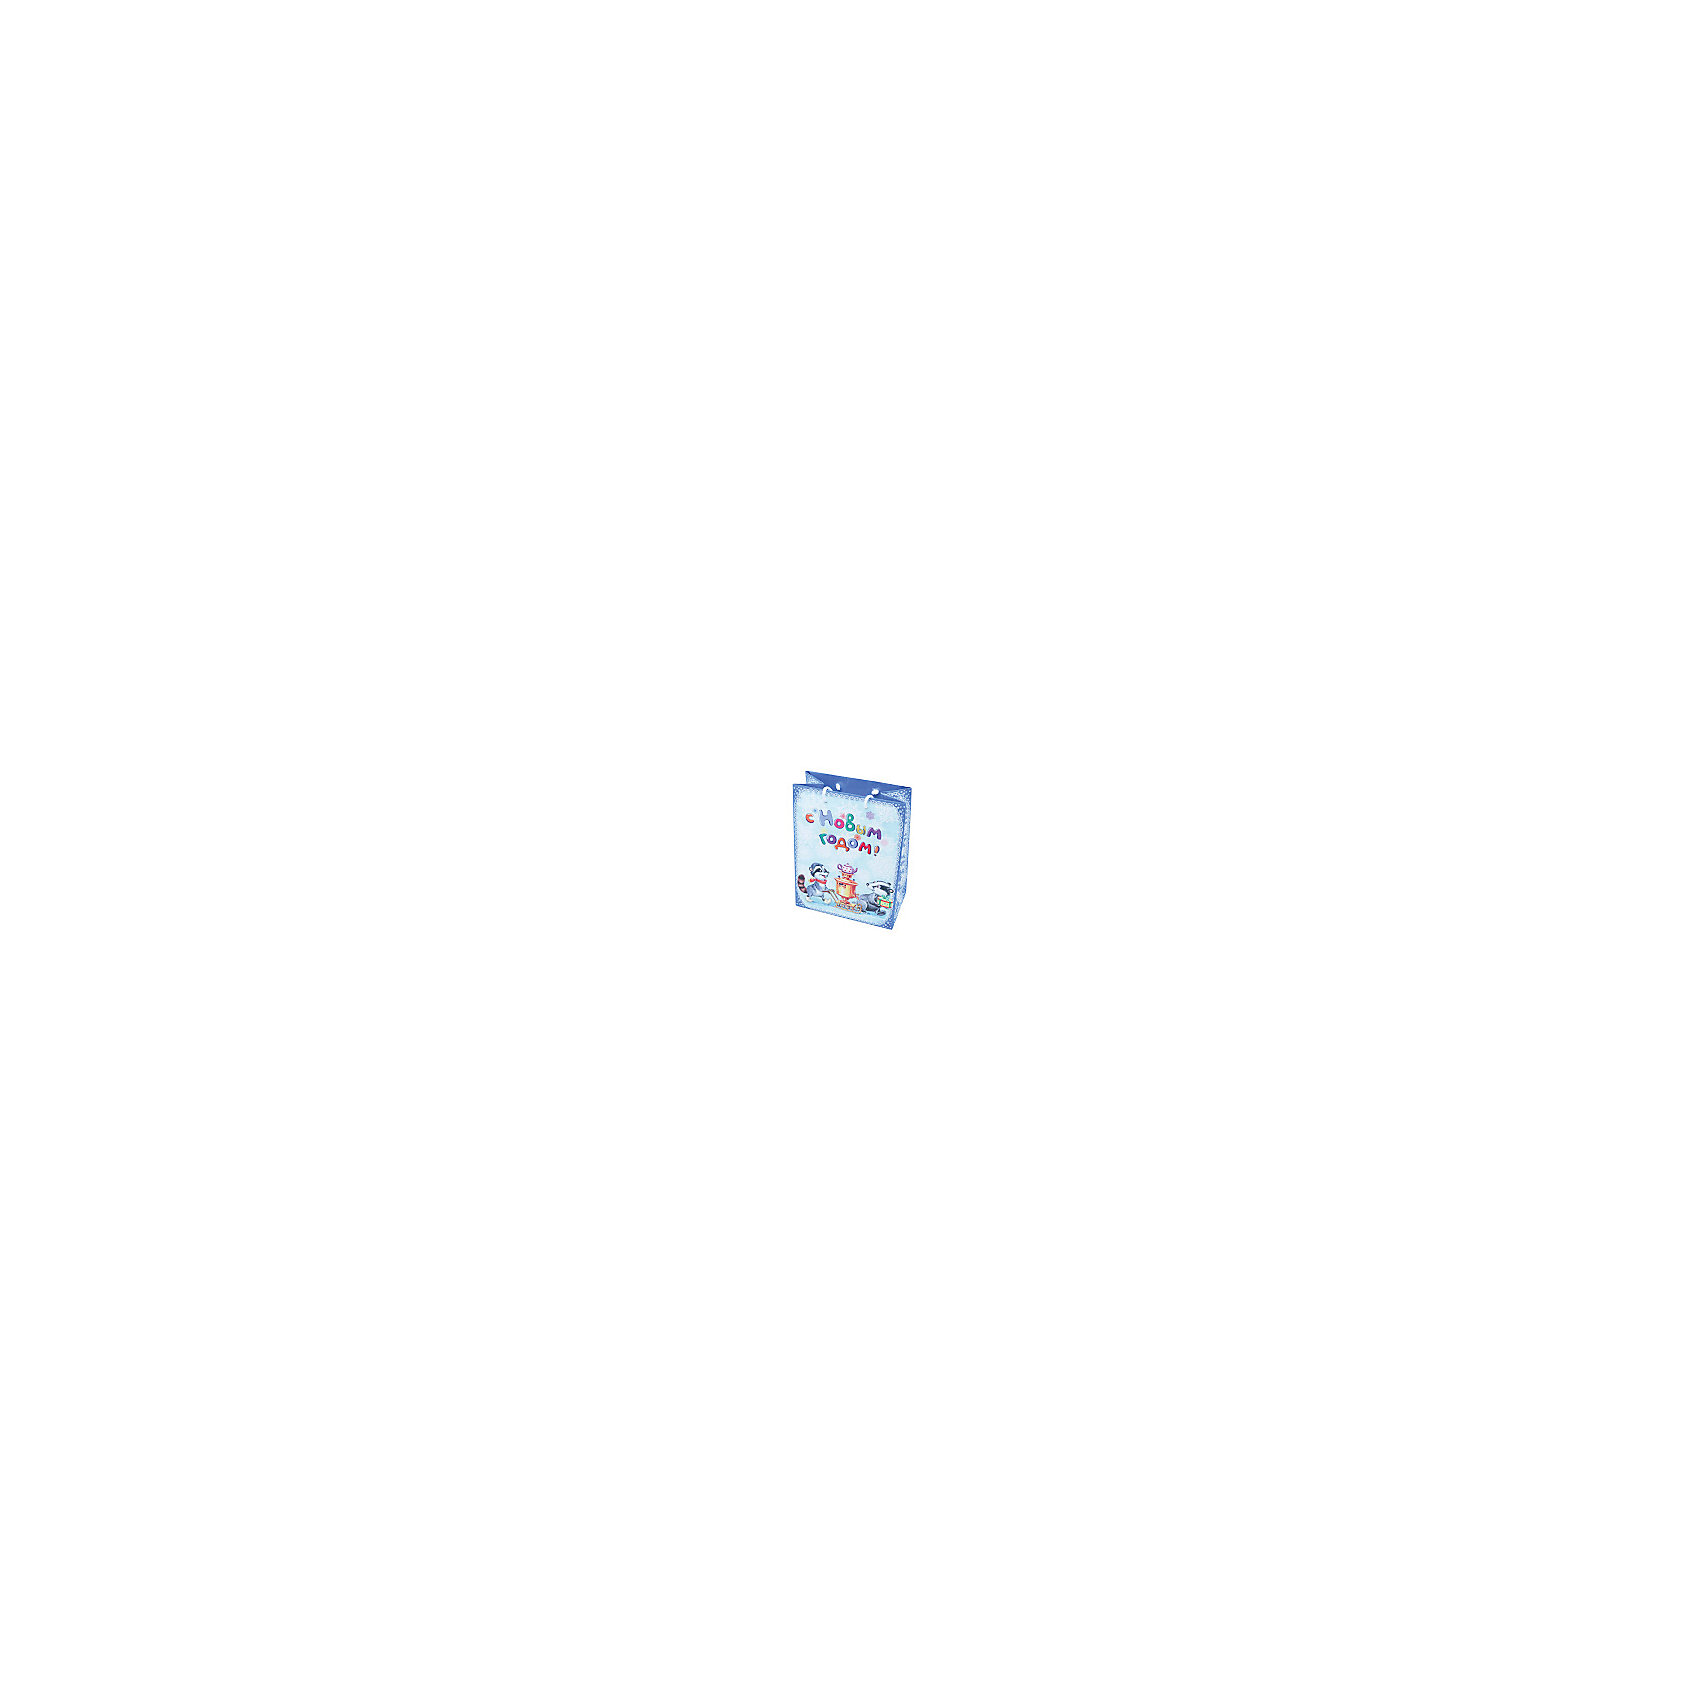 Новогодний бумажный пакет Оранжевая снежинка, размер L (260x324x127),Характеристики товара:<br><br>• размер: 260 x 324 x 127 мм<br>• комплектация: 1 шт<br>• материал: бумага<br>• плотность: 170 гр/см2<br>• страна производства: Китай<br><br>Новогодний антураж трудно представить без подарков в красивых упаковках! Этот подарочный пакет будет отлично смотреться под ёлкой, он качественно выполнен и нарядно смотрится благодаря яркому рисунку в праздничной тематике. С такой упаковкой подарок будет и дарить и принимать приятнее!<br>Такие небольшие детали и создают праздник! От них во многом зависит хорошее новогоднее настроение. Изделие производится из качественных сертифицированных материалов, безопасных даже для самых маленьких.<br><br>Новогодний бумажный пакет Оранжевая снежинка, размер L (260x324x127), можно купить в нашем интернет-магазине.<br><br>Ширина мм: 260<br>Глубина мм: 324<br>Высота мм: 4<br>Вес г: 170<br>Возраст от месяцев: 72<br>Возраст до месяцев: 480<br>Пол: Унисекс<br>Возраст: Детский<br>SKU: 5051698